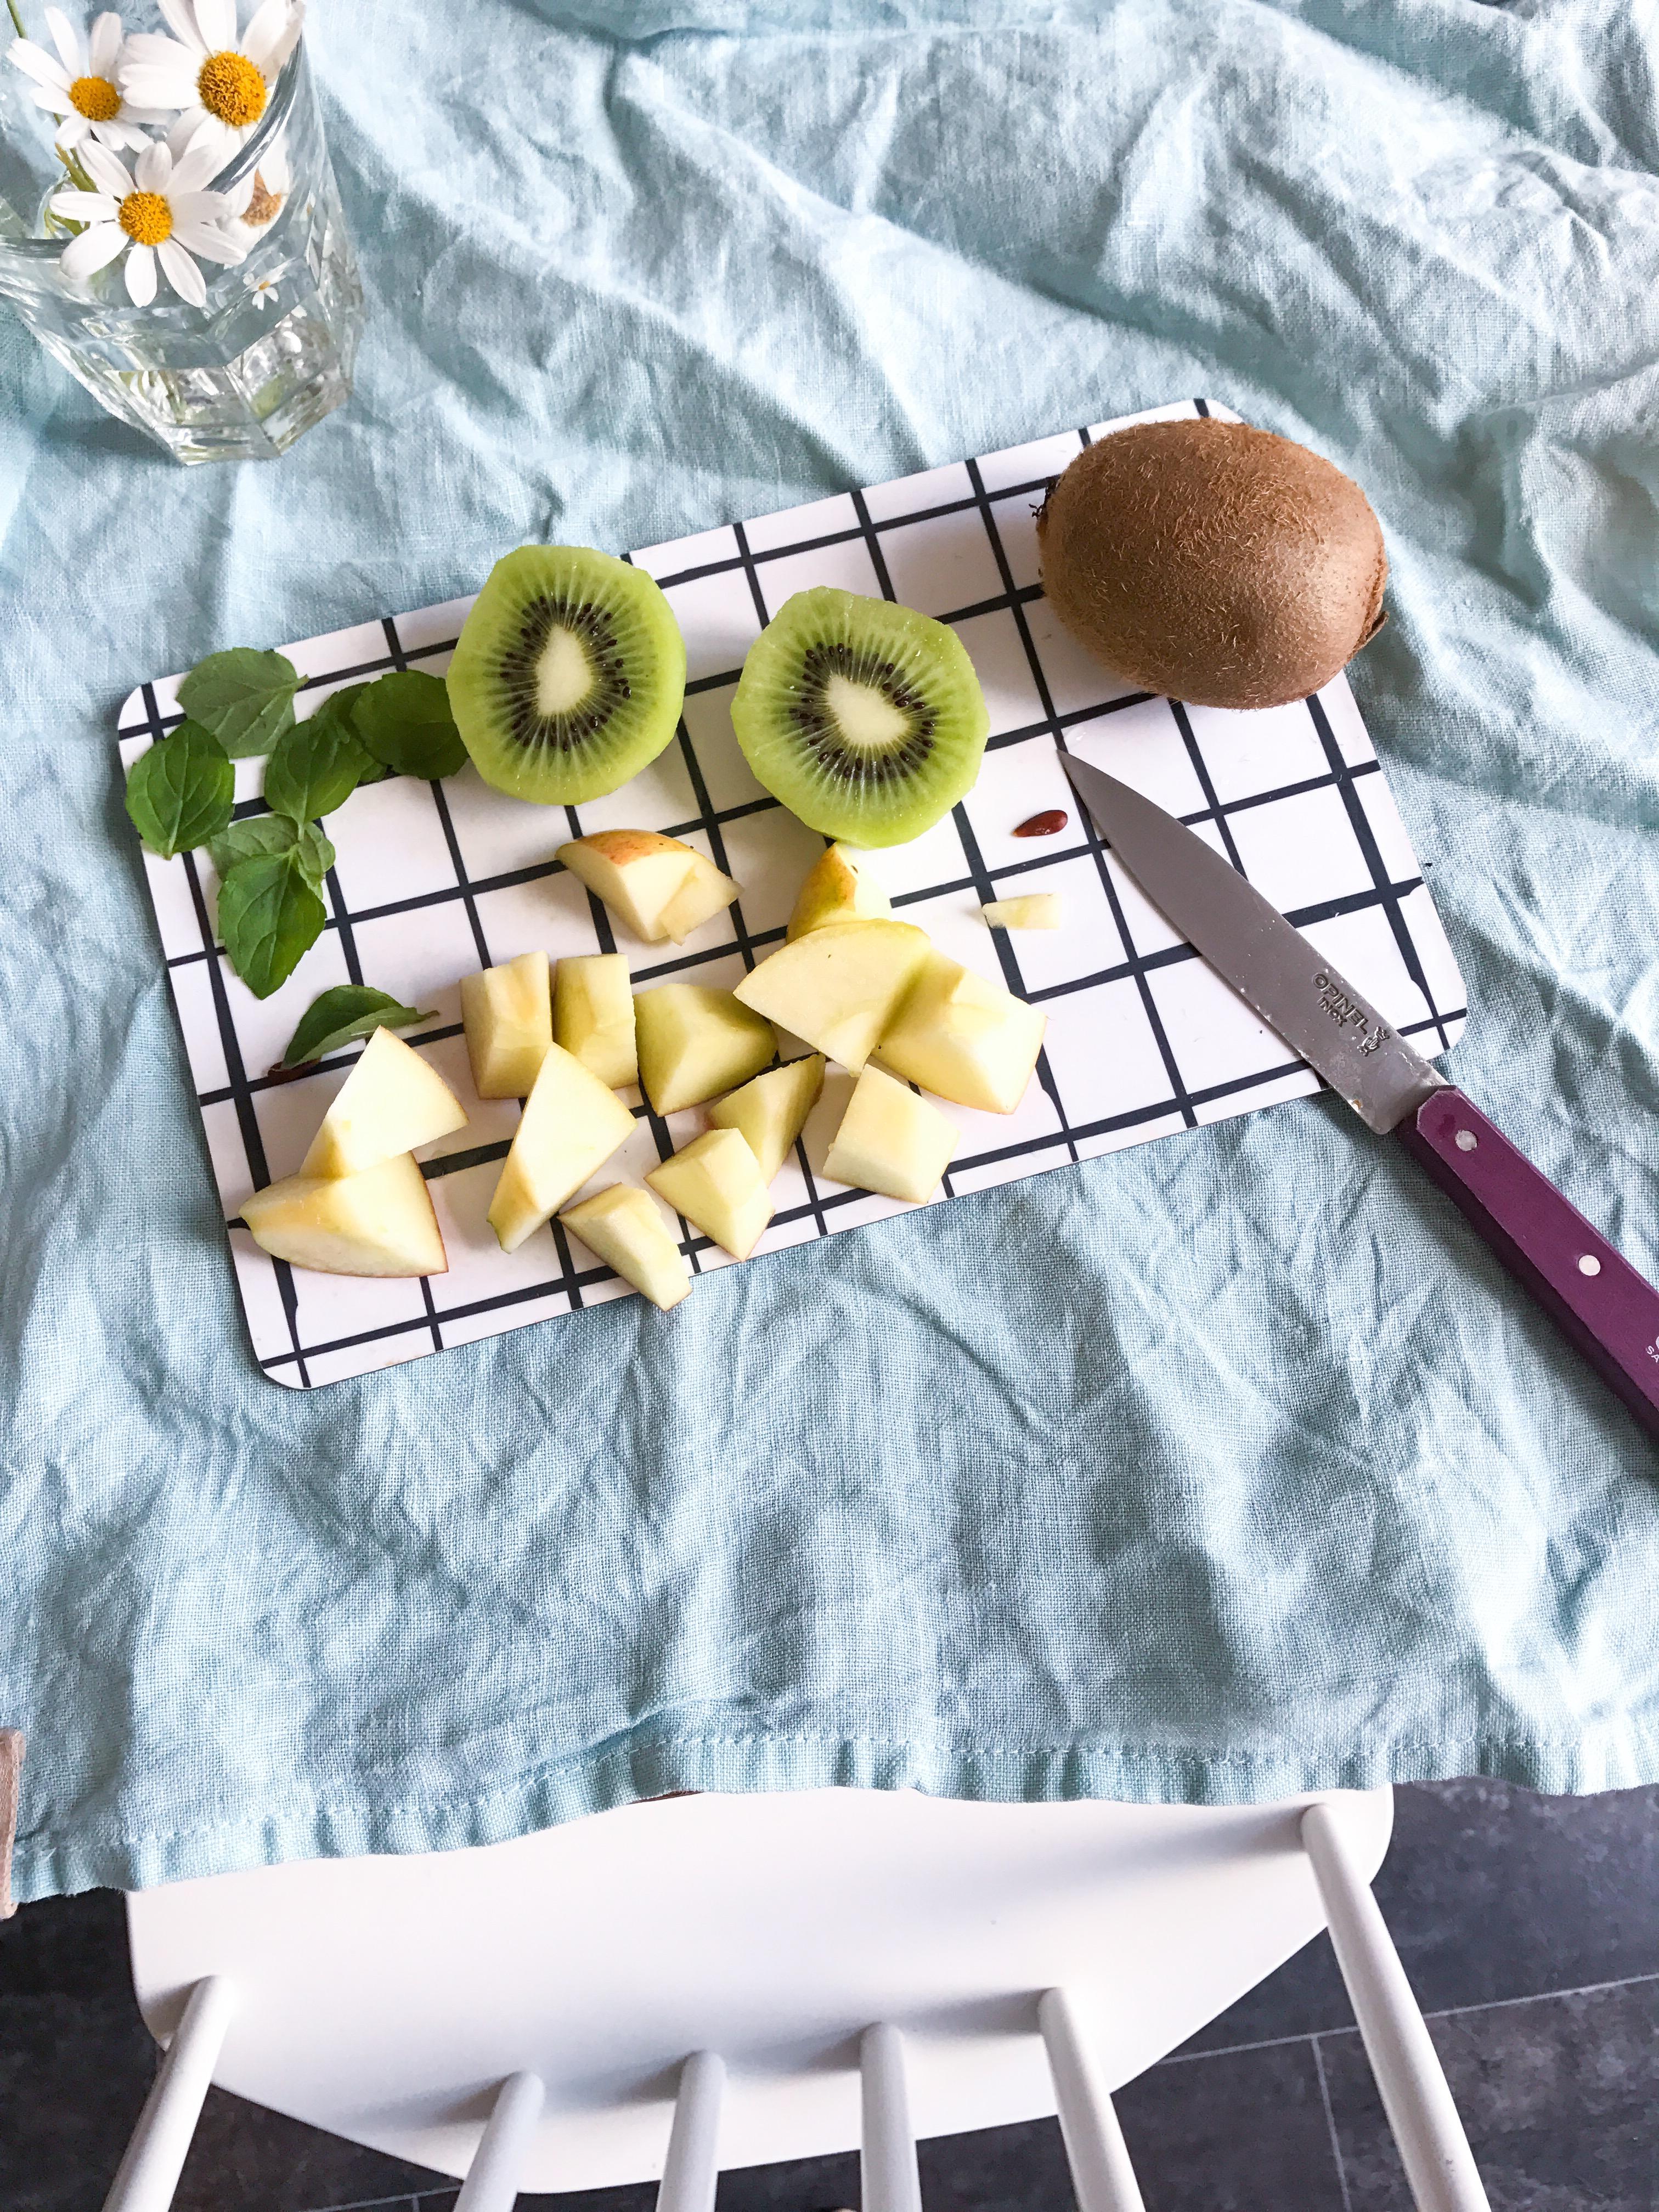 Zutaten für einen frisch gepressten, grünen Saft